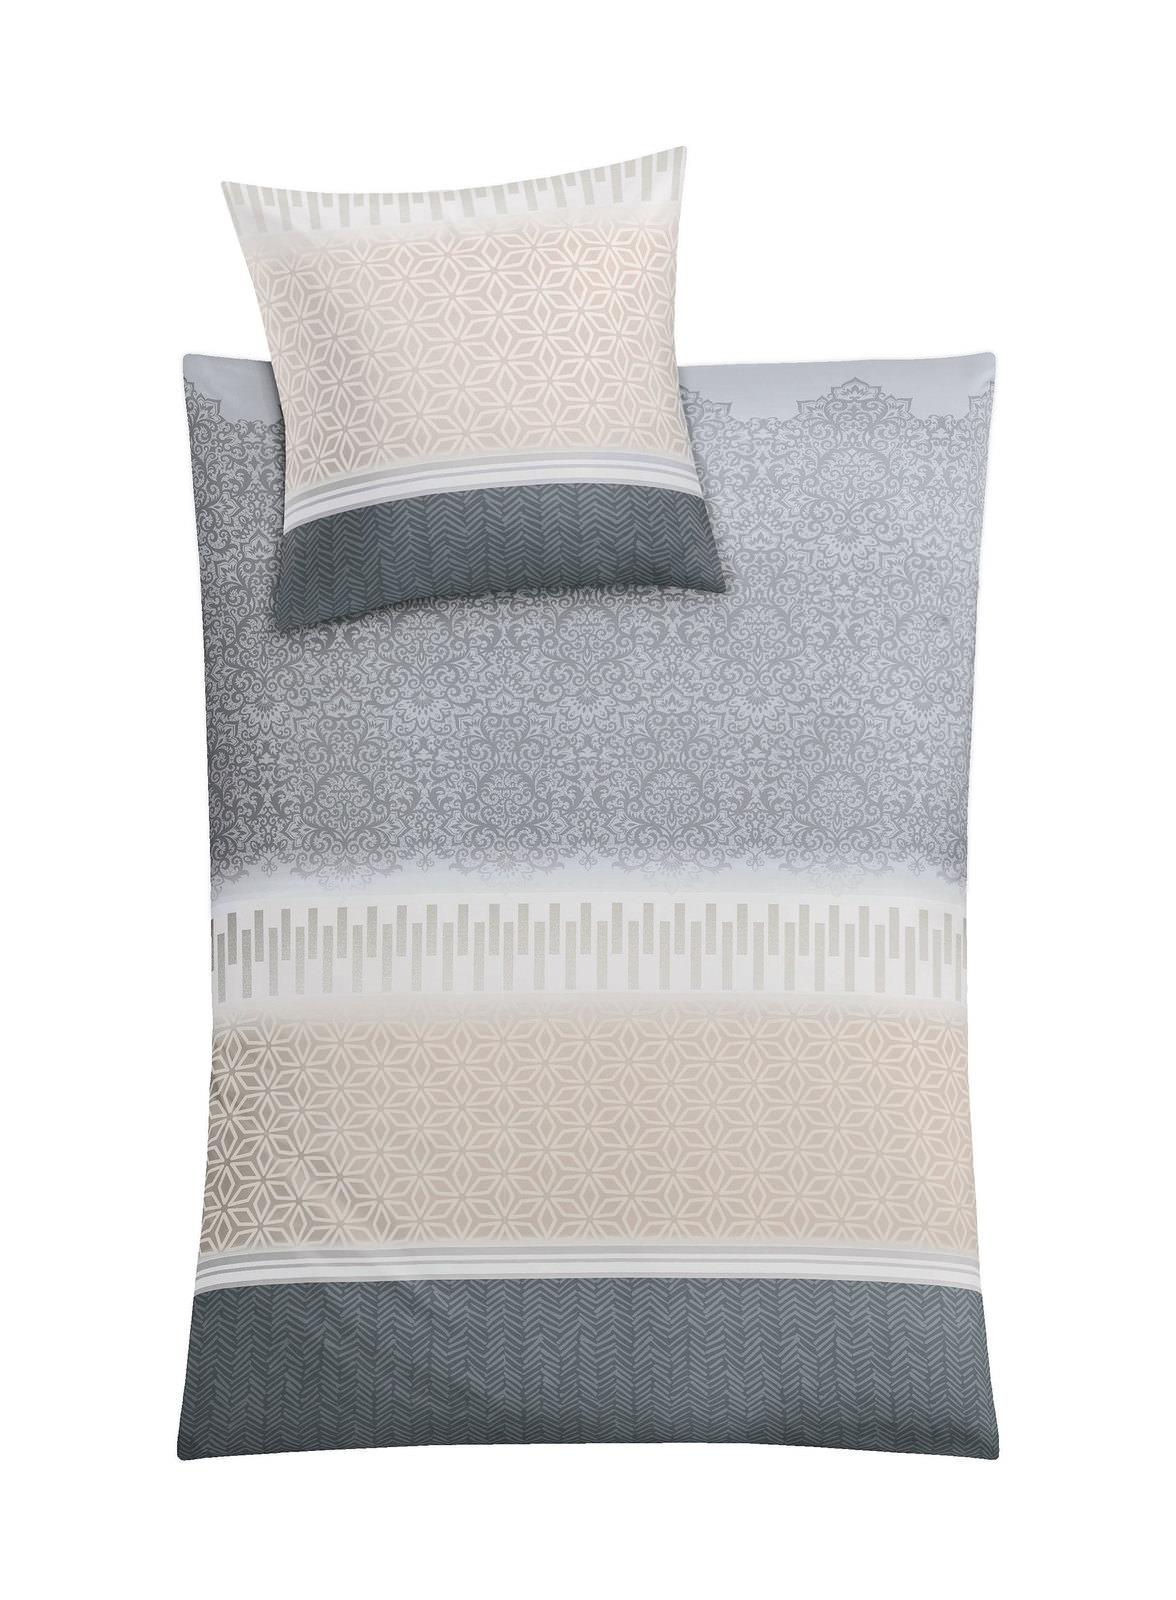 kleine wolke mako satin bettw sche online entdecken schaffrath ihr m belhaus. Black Bedroom Furniture Sets. Home Design Ideas